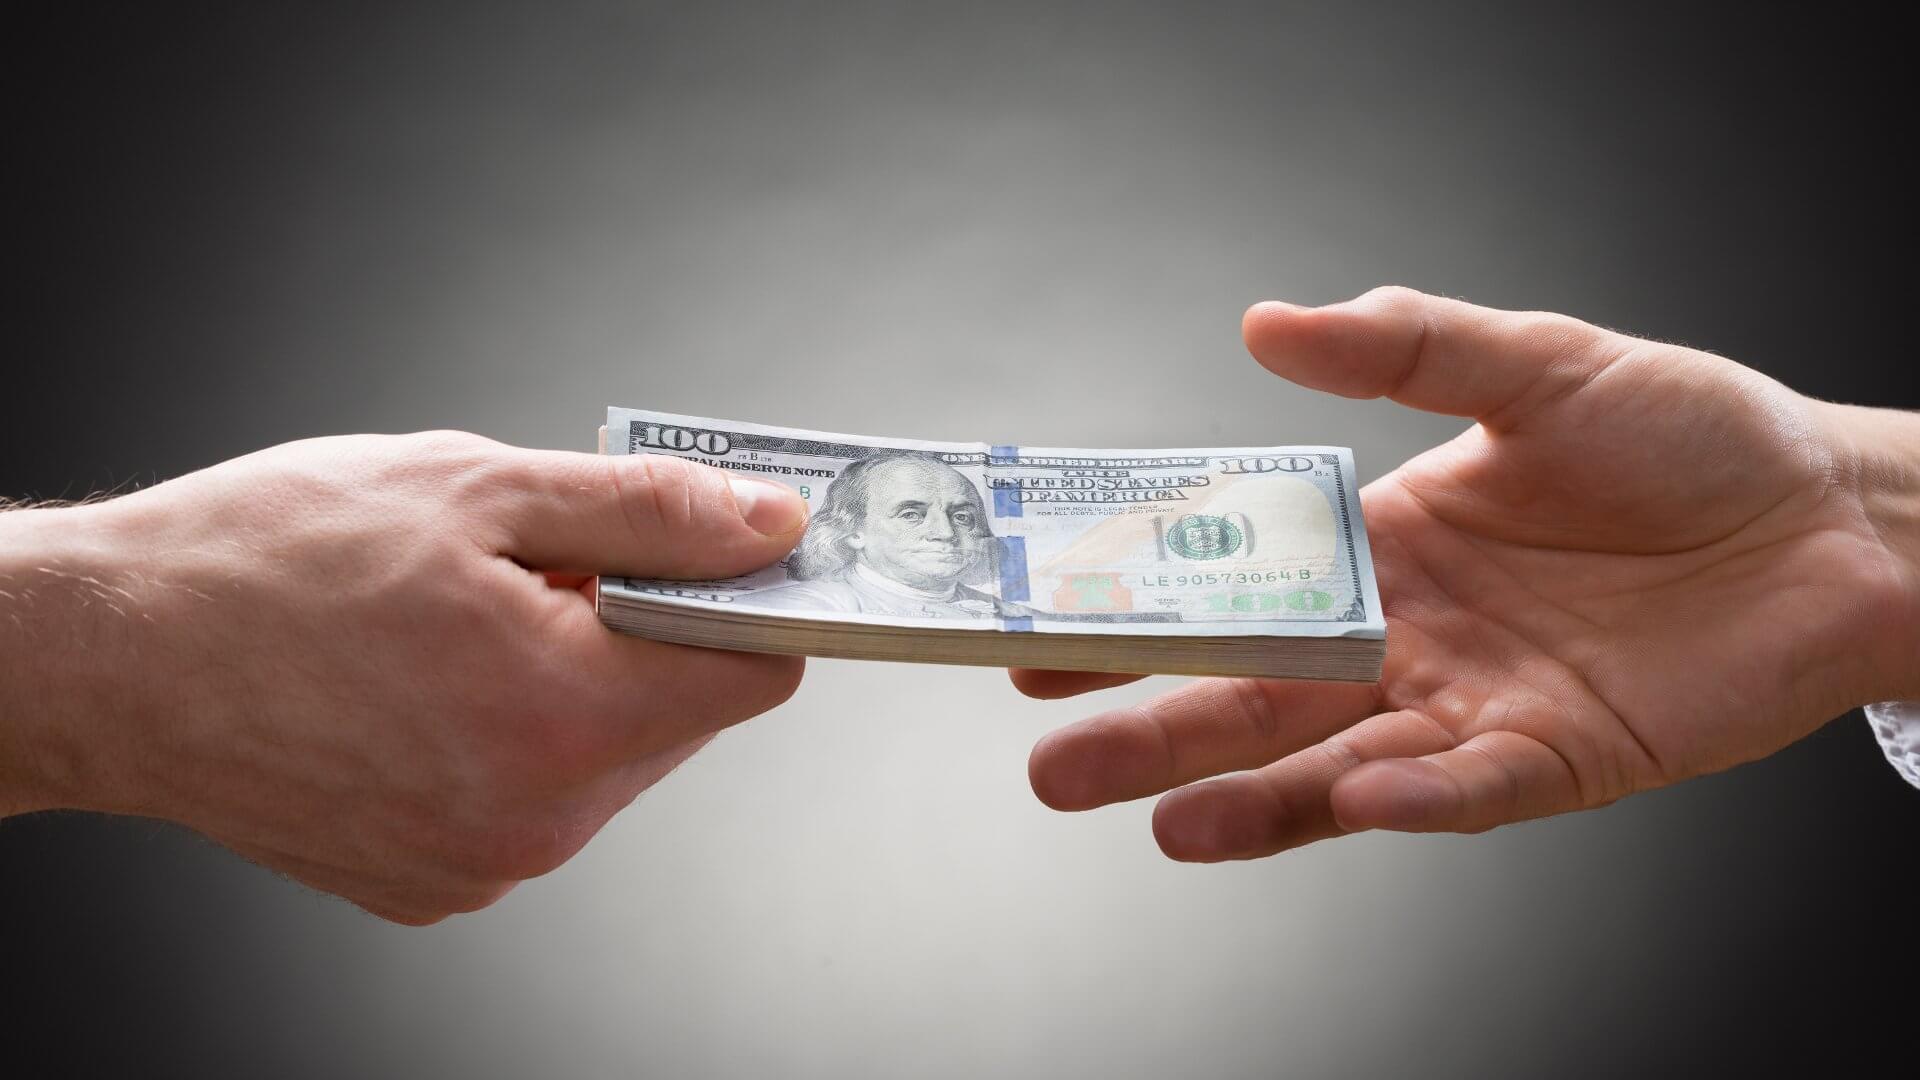 «Чи слід мені брати гроші в кредит, щоб купити крипту?» 5 питань, які варто при цьому розглянути